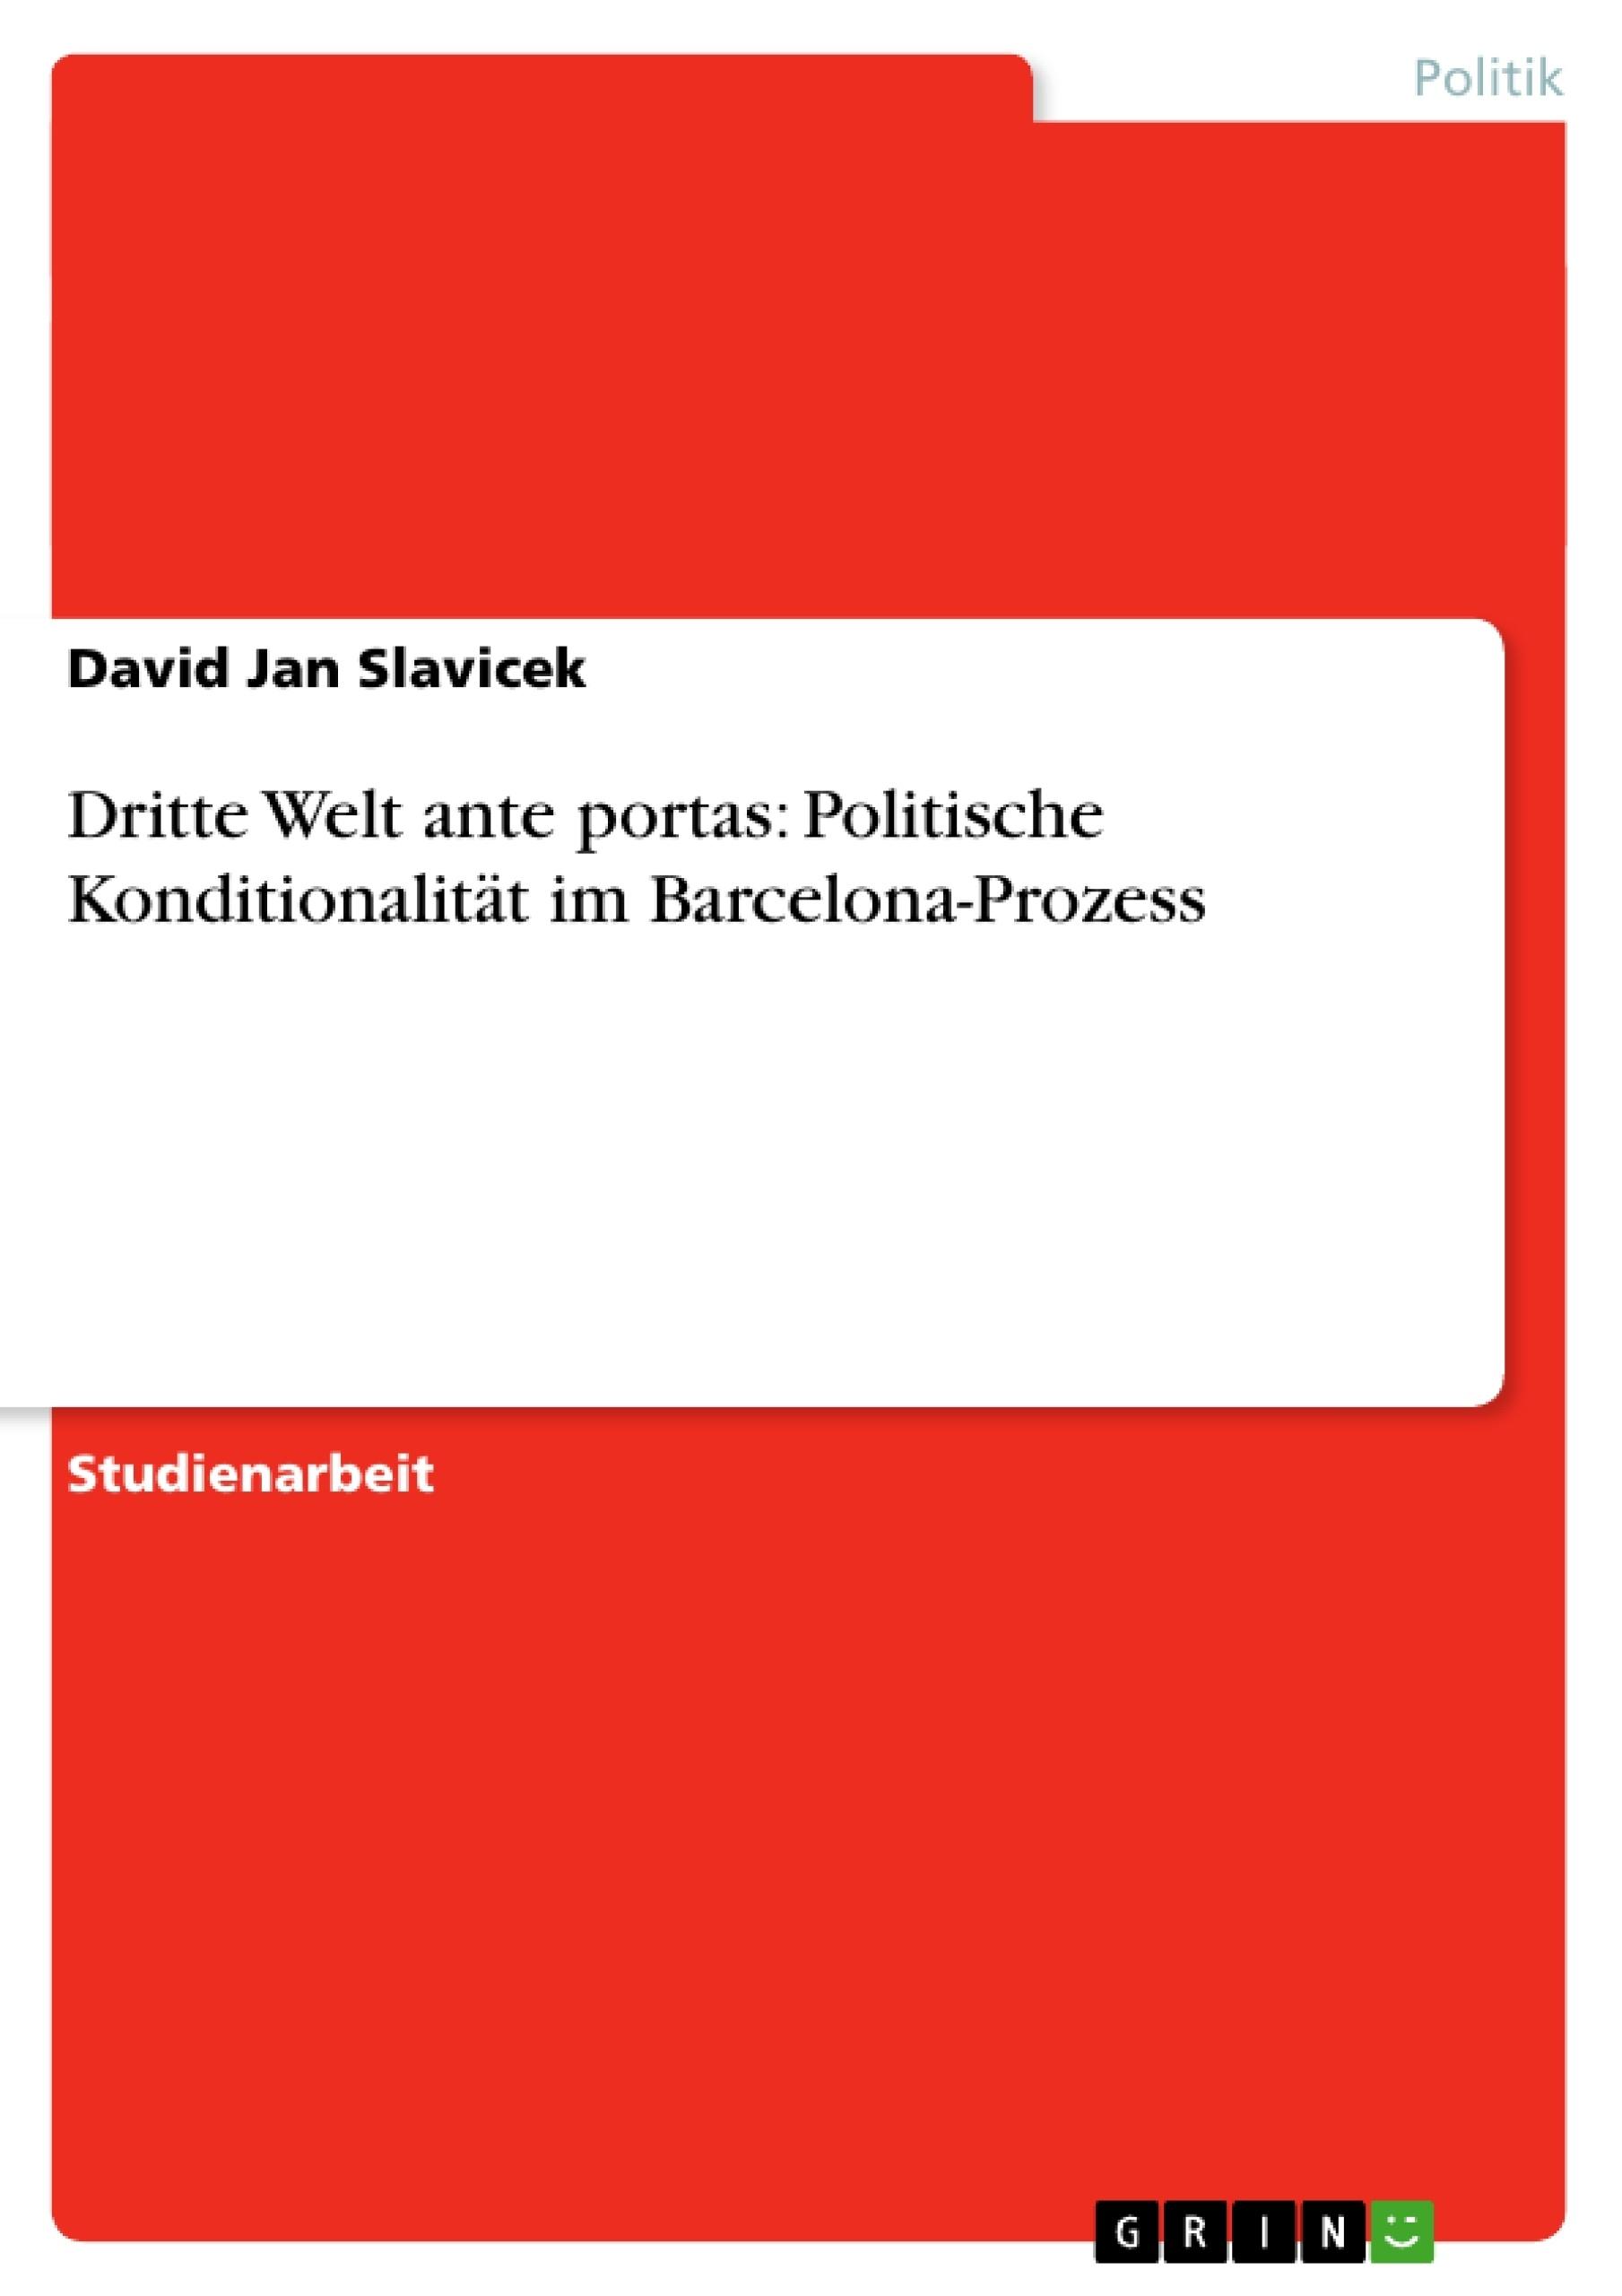 Titel: Dritte Welt ante portas: Politische Konditionalität im Barcelona-Prozess